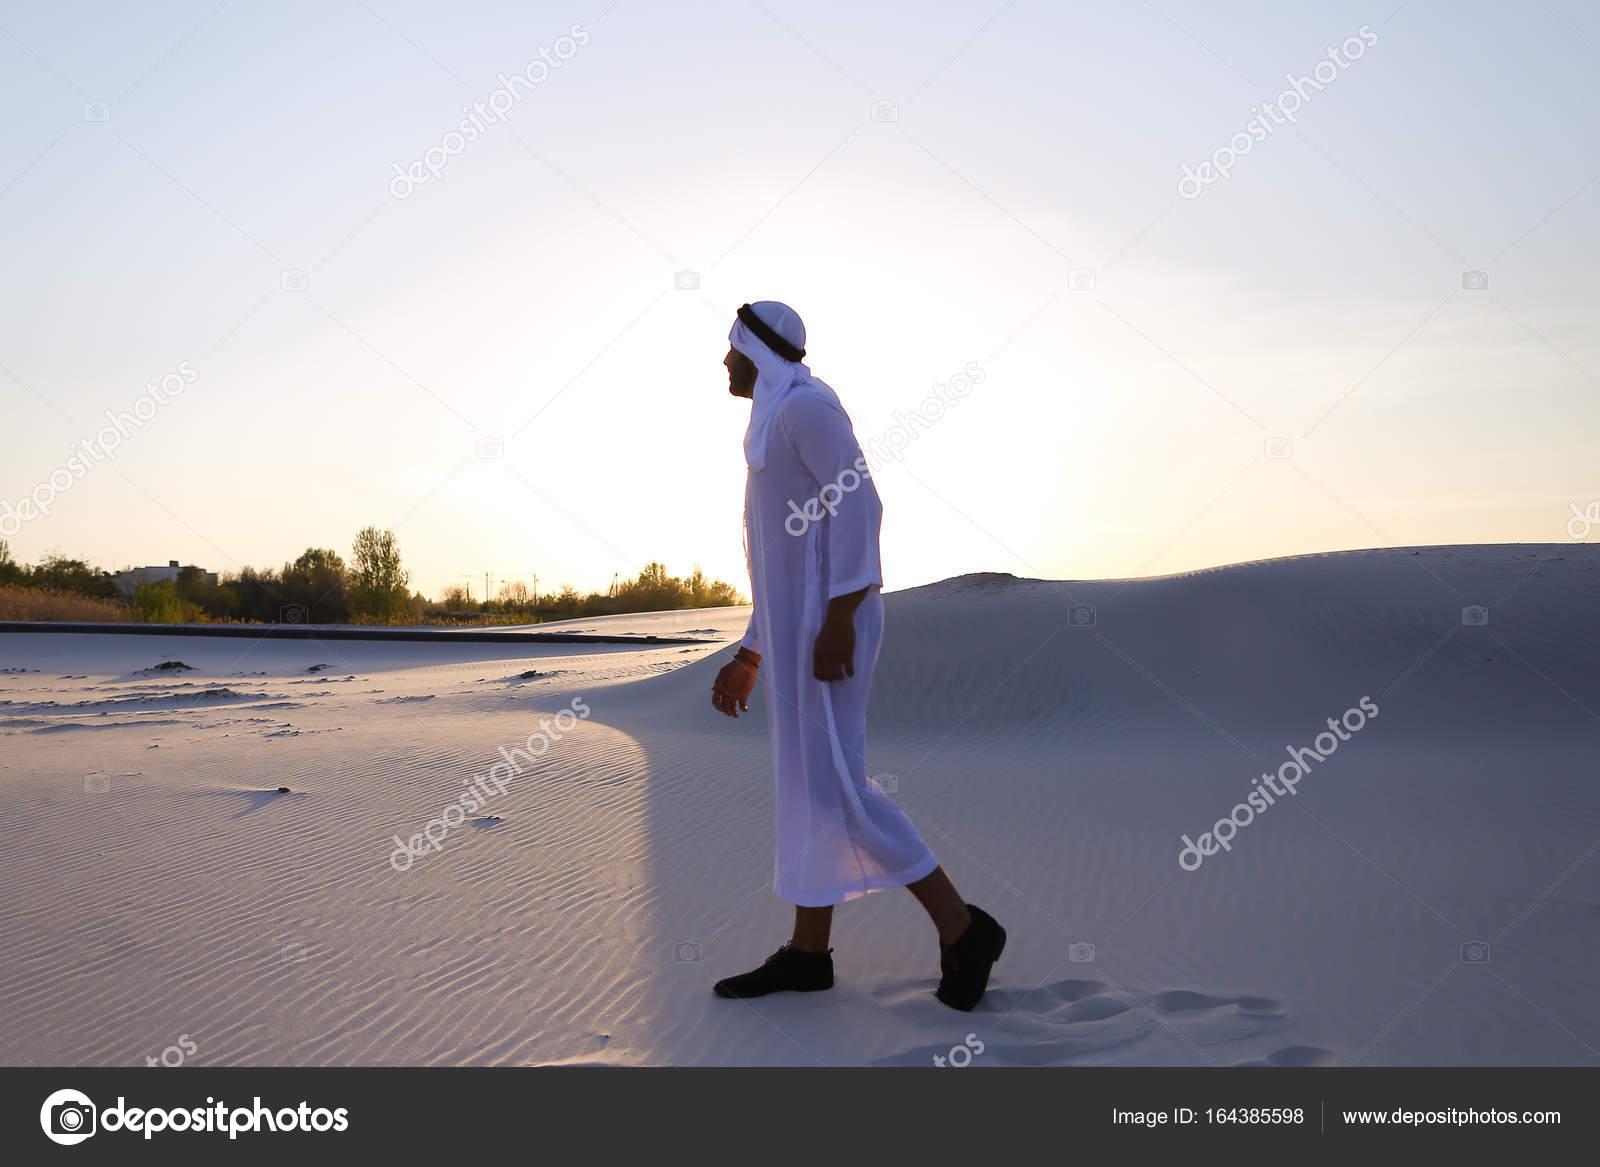 randí se starším arabským mužemapp olympionici používají k připojení